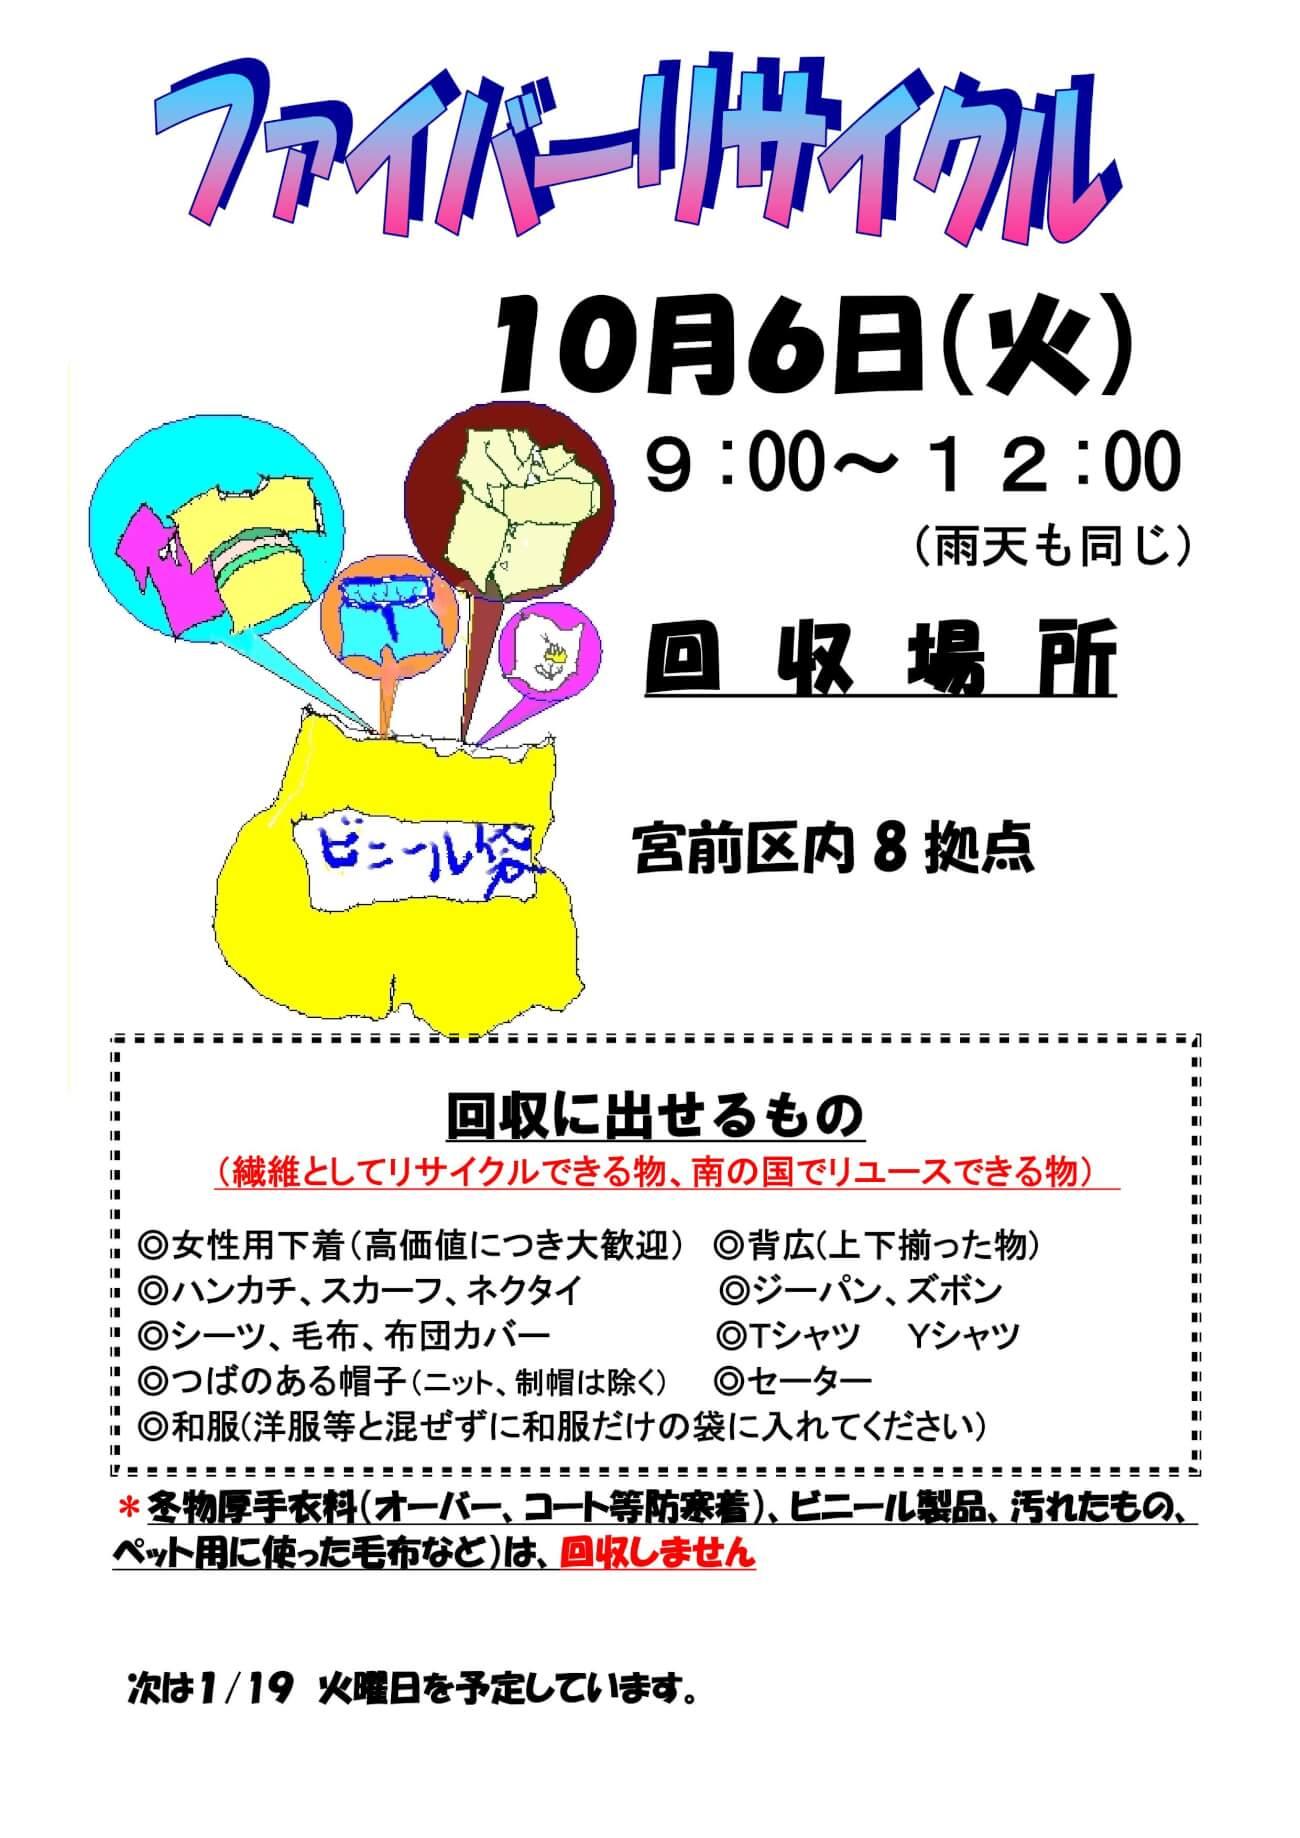 ファイバーリサイクルビラ202010まち倶楽部_imgs-0001